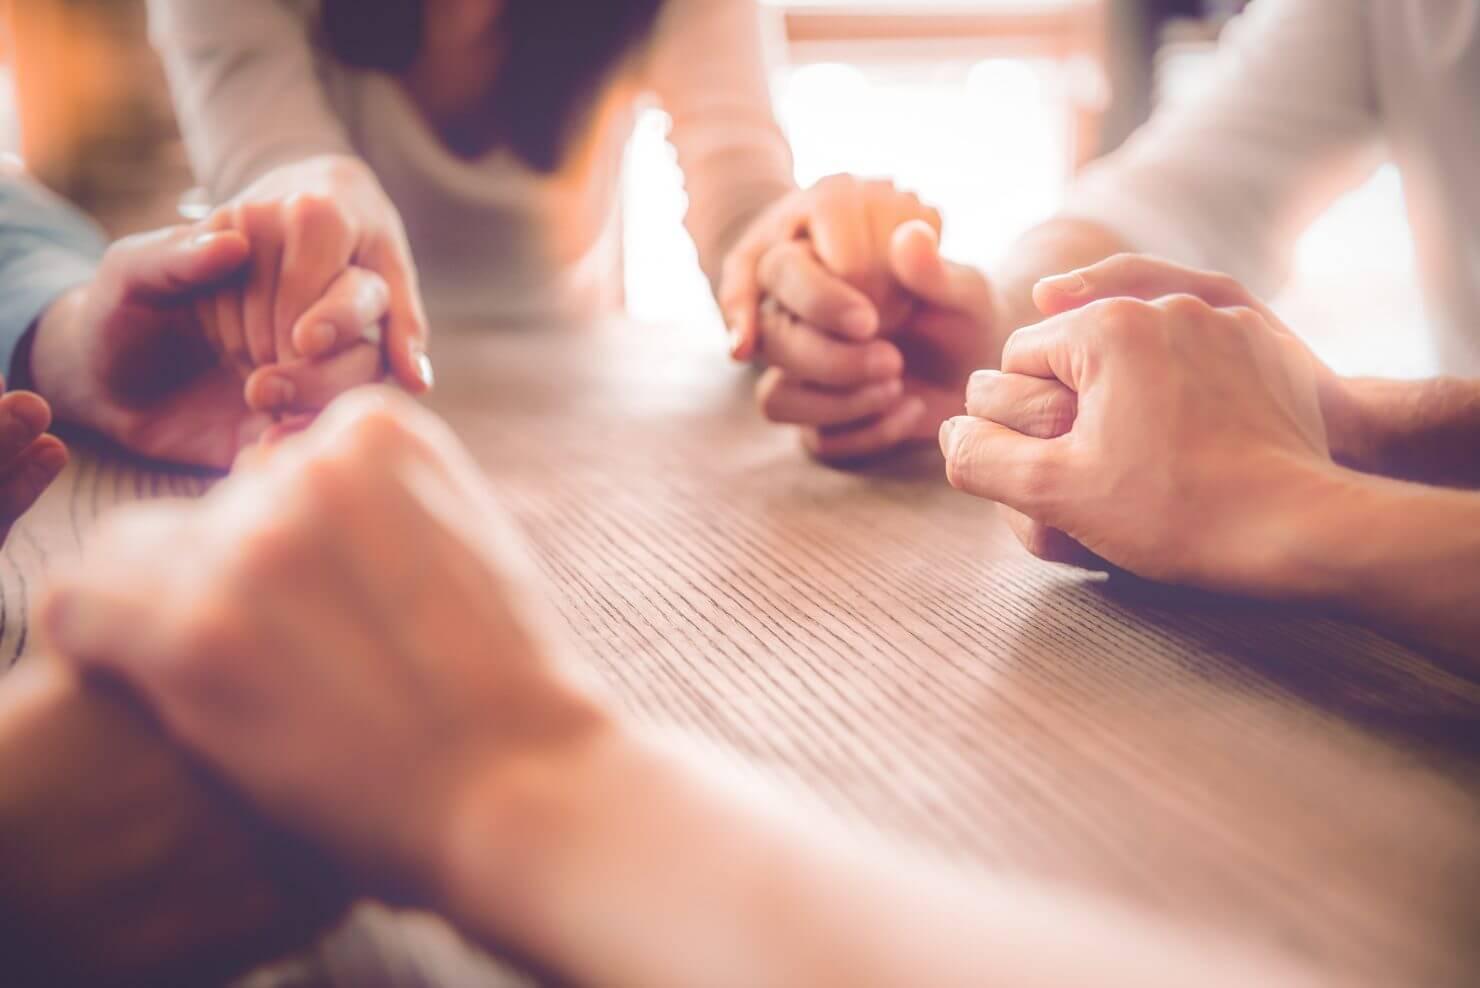 Revista Vida e Saúde | Estudo afirma que oração influencia na saúde